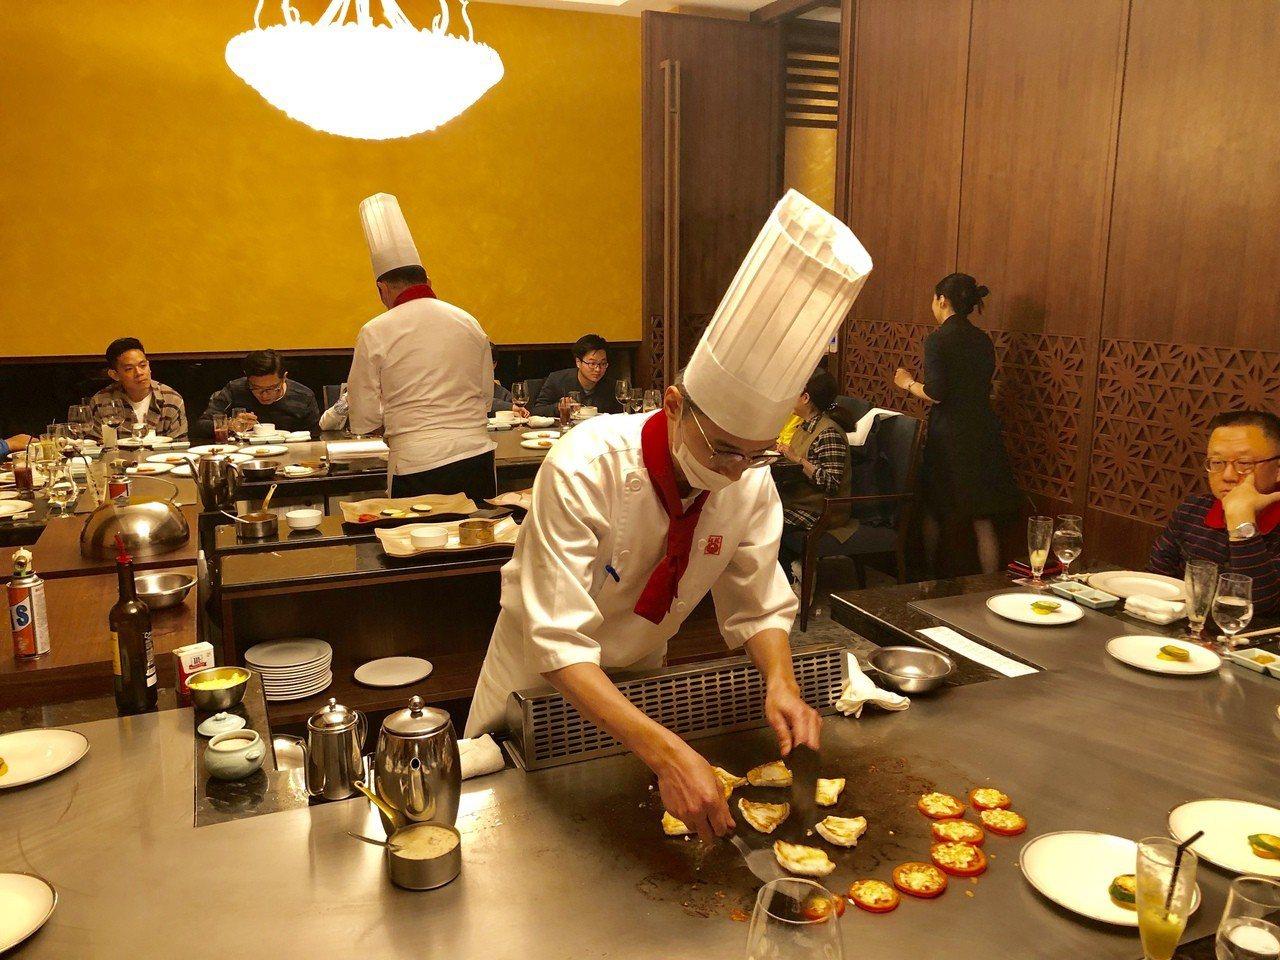 插旗台中美食一級戰區,紅花有備而來,標榜提供更優質的桌邊服務。記者宋健生/攝影